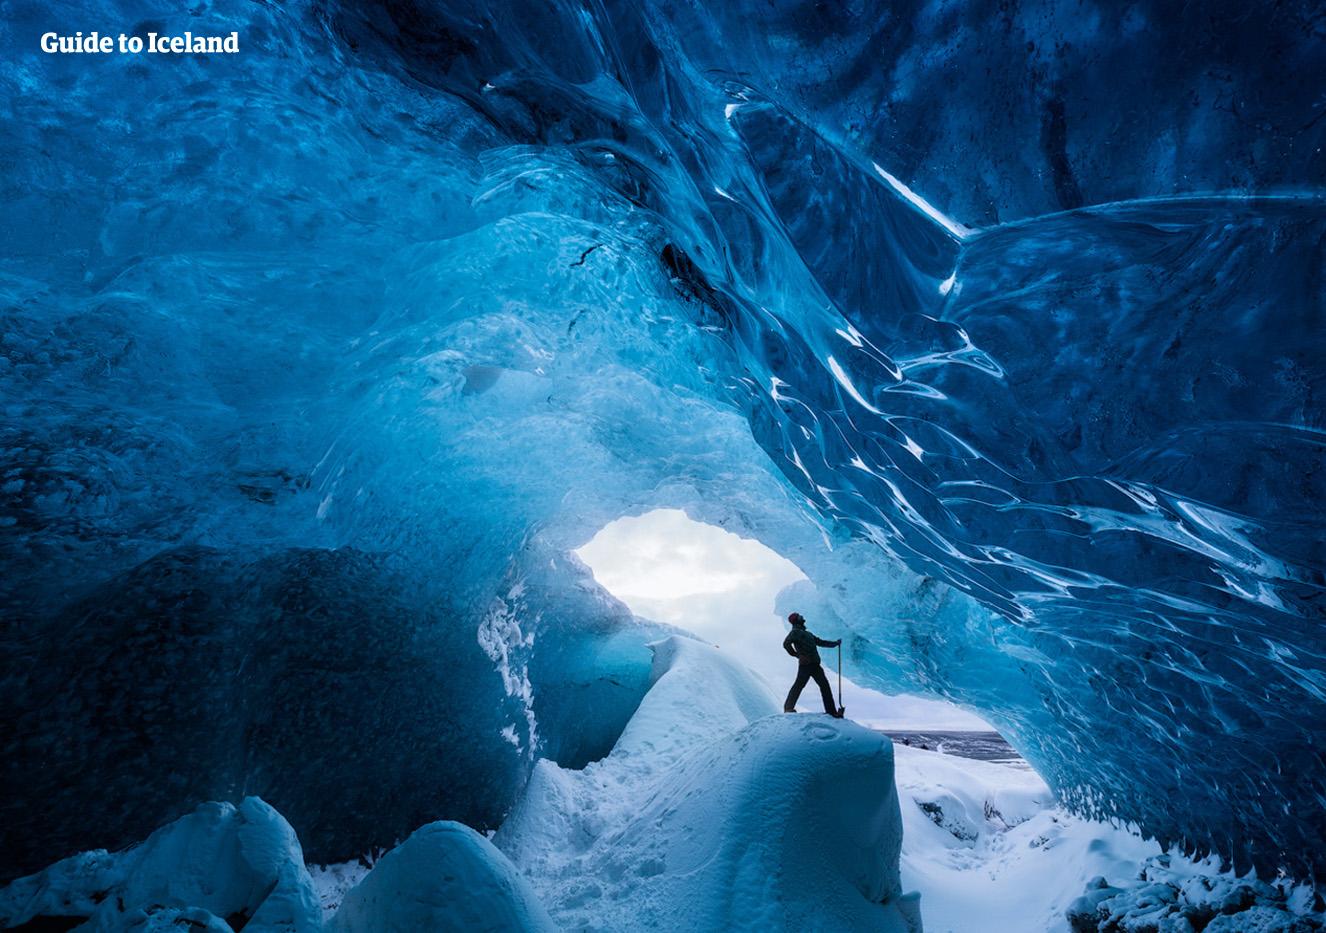 Entrar en una cueva de hielo es una de las experiencias más memorables disponibles para quienes visitan Islandia.